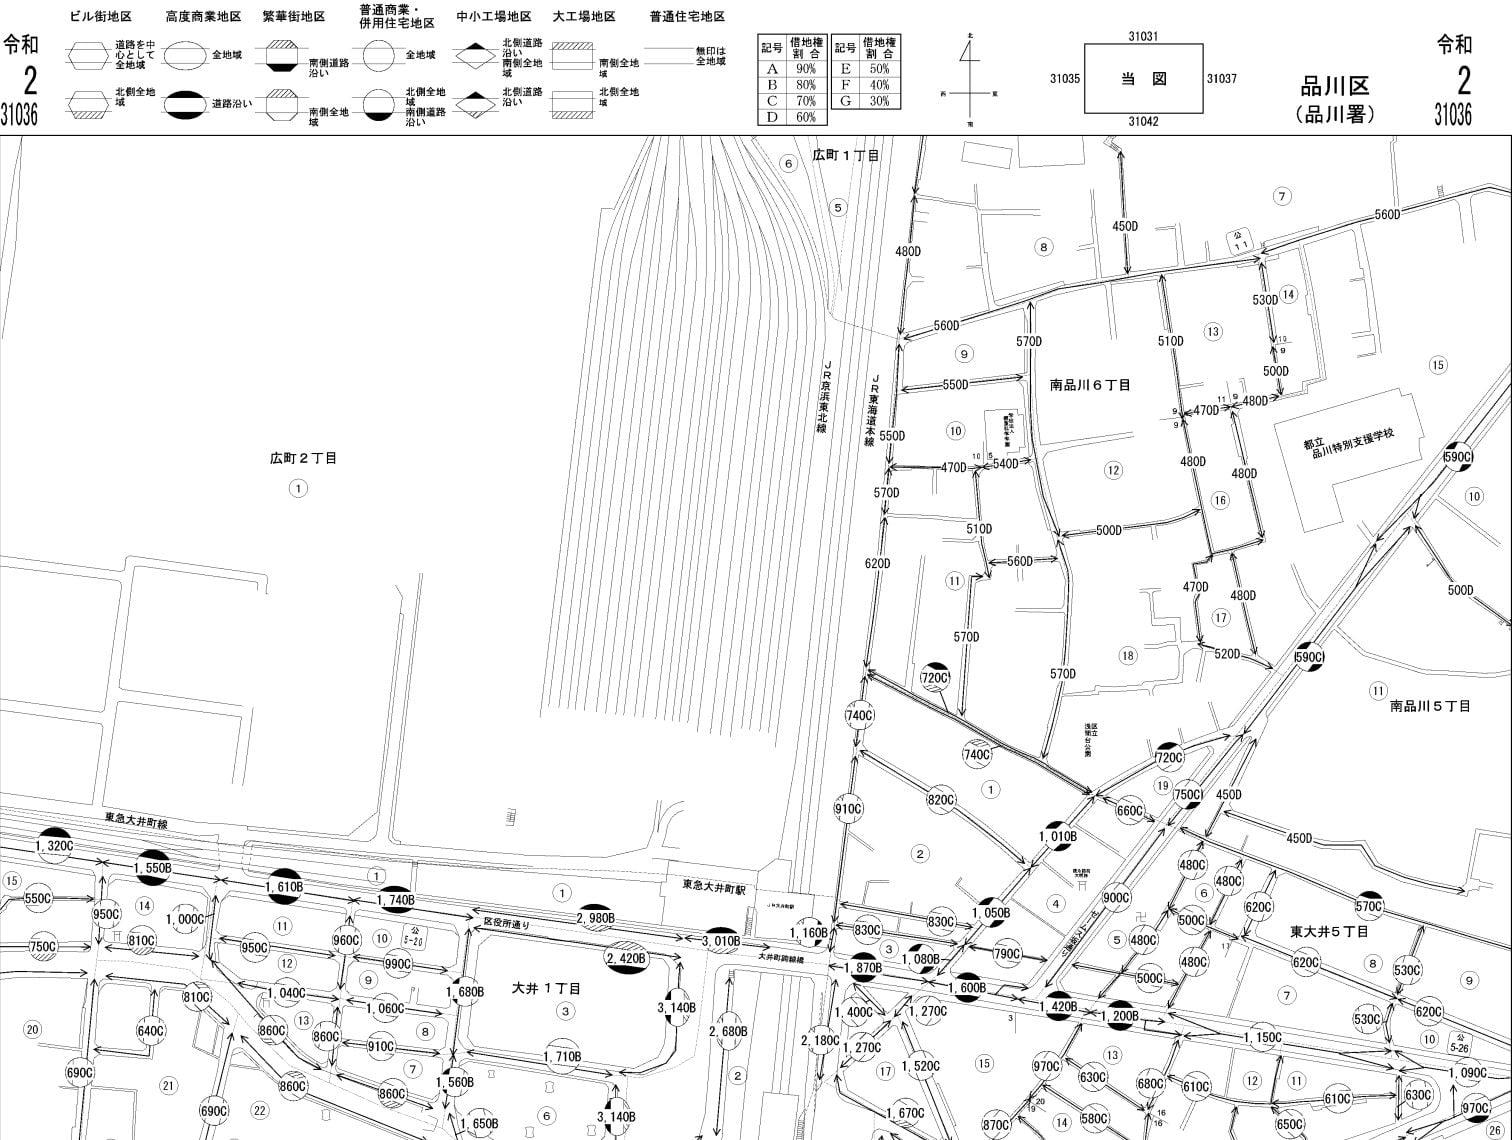 東京都品川区の路線価図